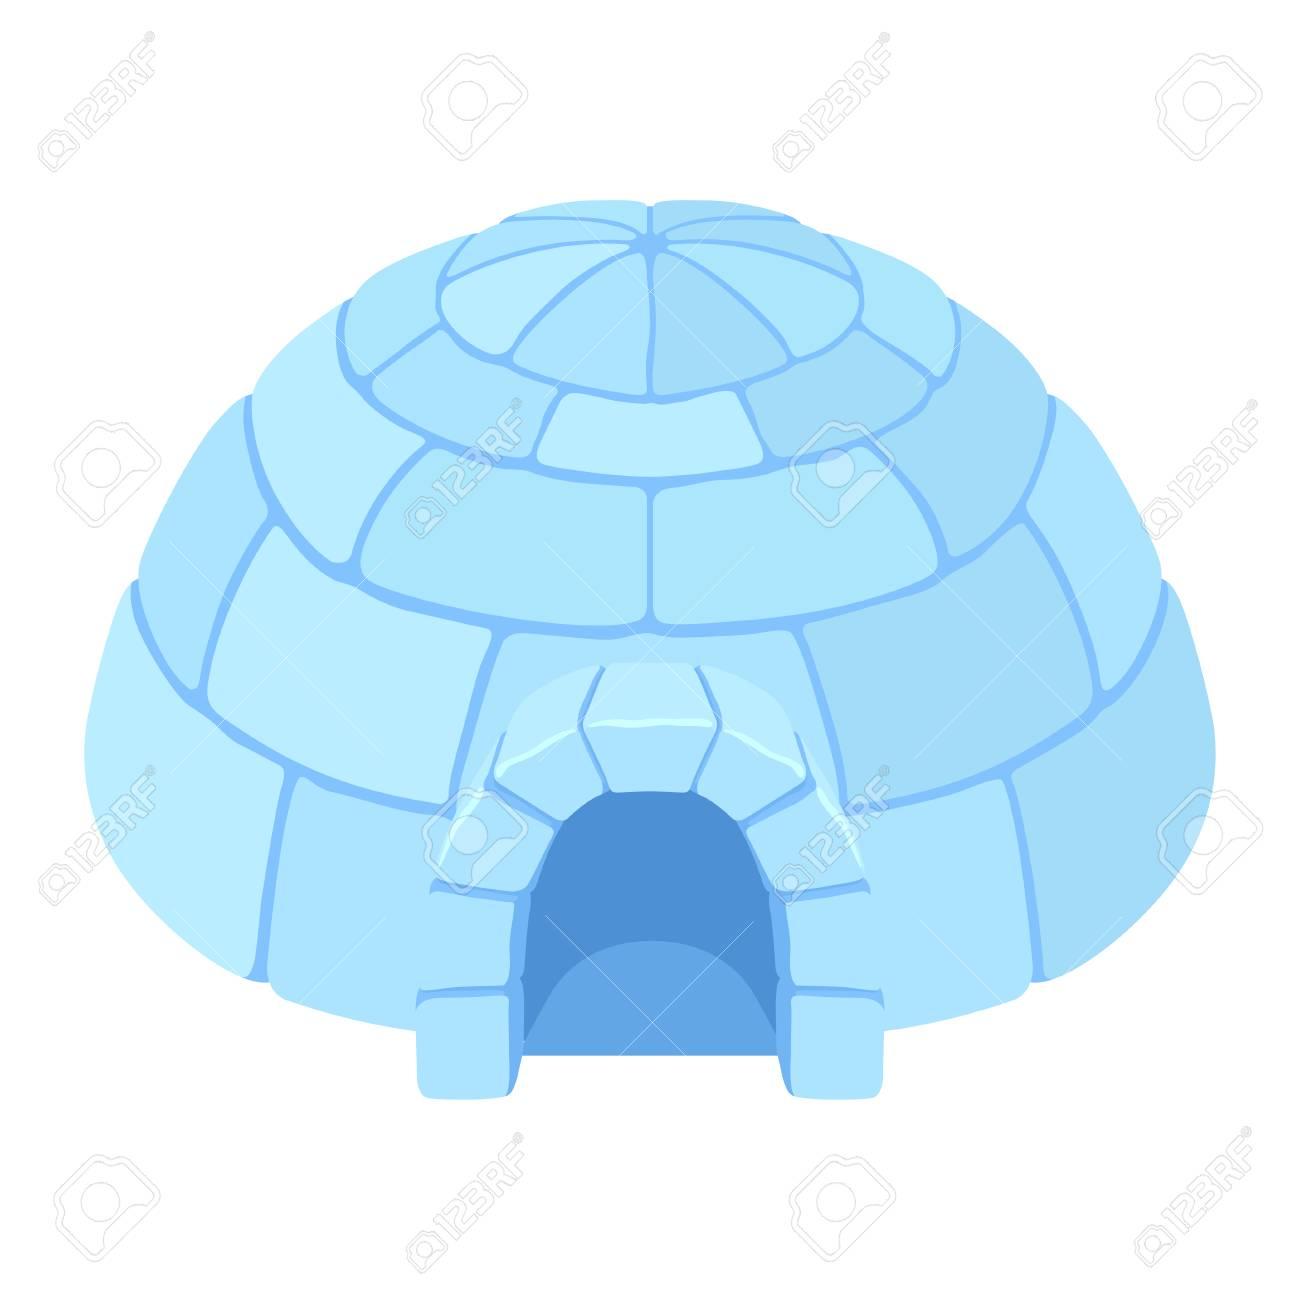 Maison De Glace D Igloo Maison De Neige Refuge Hivernal En Forme De Dome Esquimau Fait De Blocs Illustration De Dessin Anime De Vecteur Plat Style Isole Sur Fond Blanc Clip Art Libres